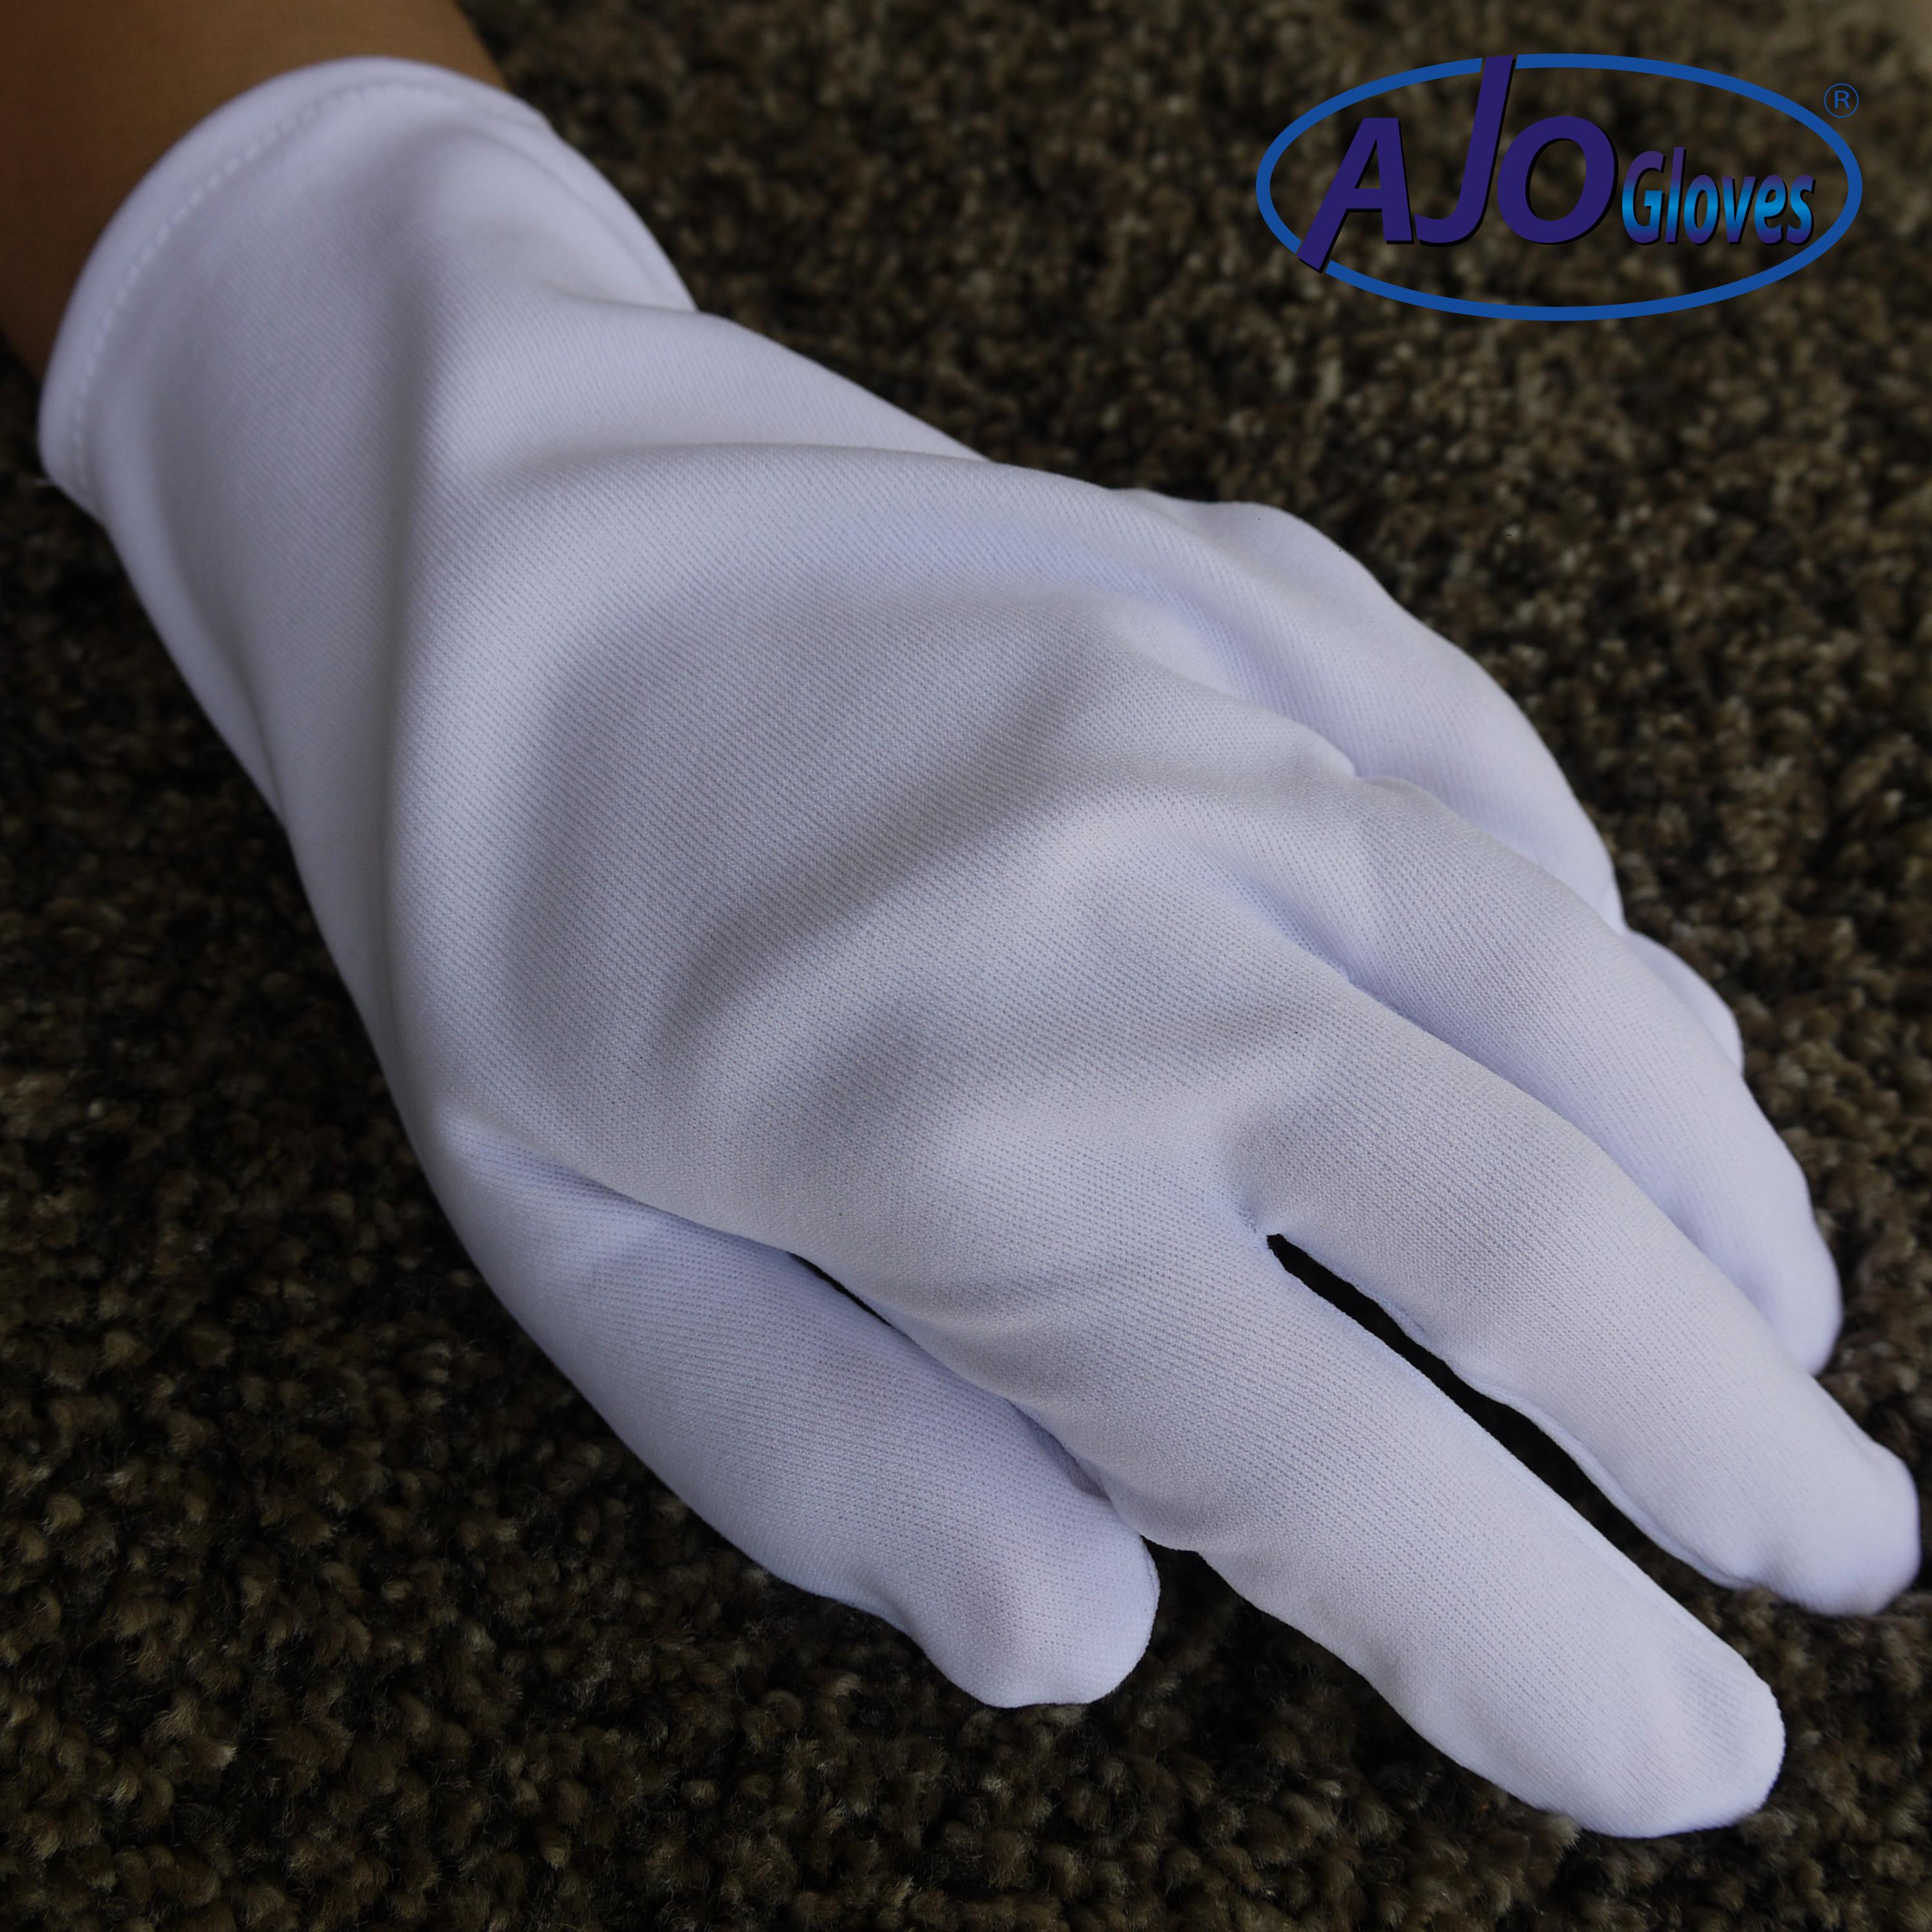 ถุงมือผ้าโพลีเอสเตอร์ ไม่ต่อข้อ